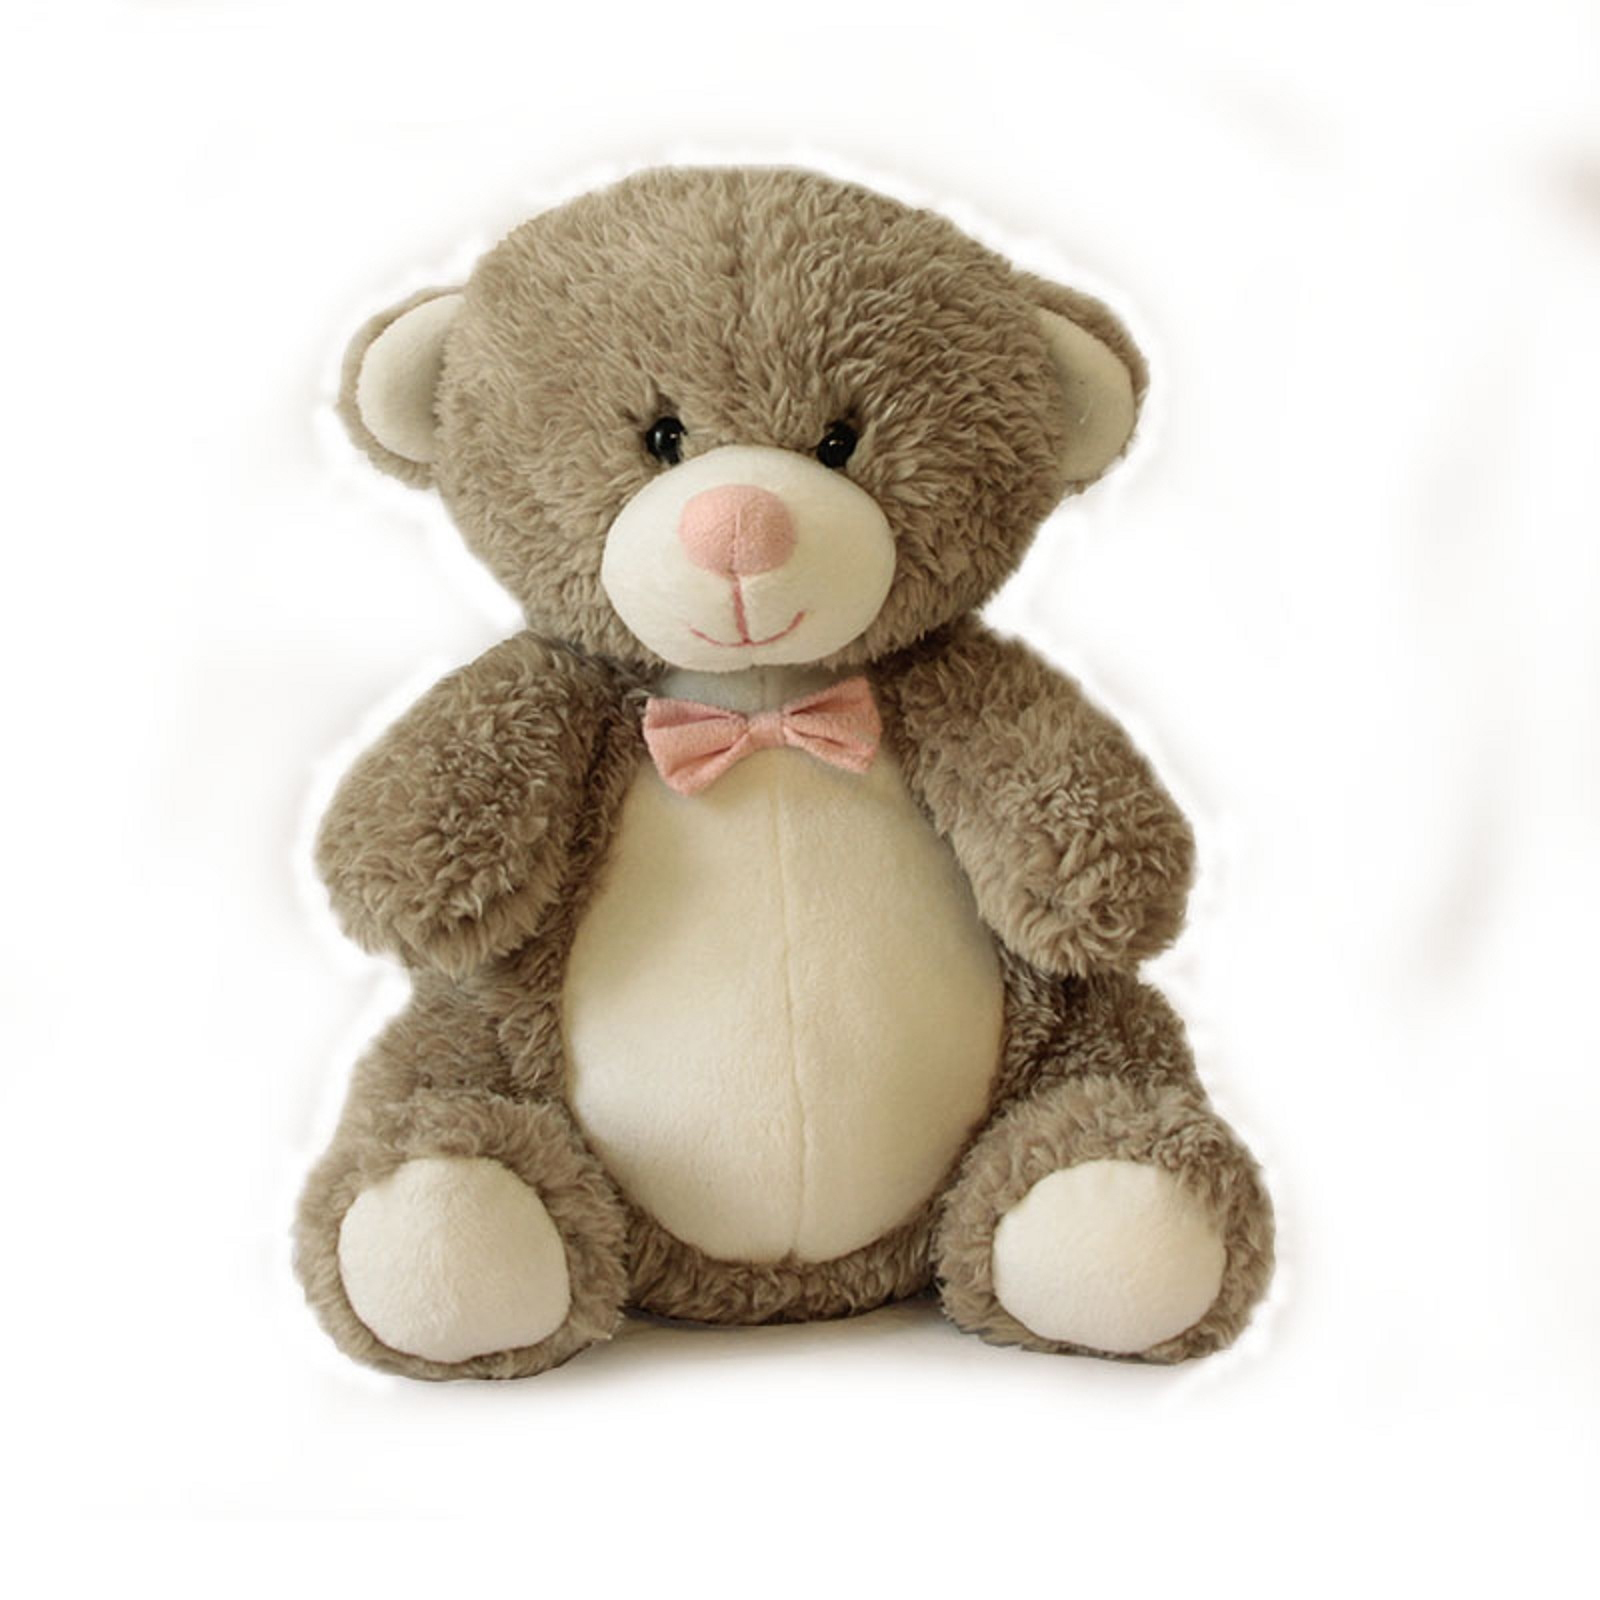 Мягкая игрушка – Мишка Падди, 38 см.Медведи<br>Мягкая игрушка – Мишка Падди, 38 см.<br>